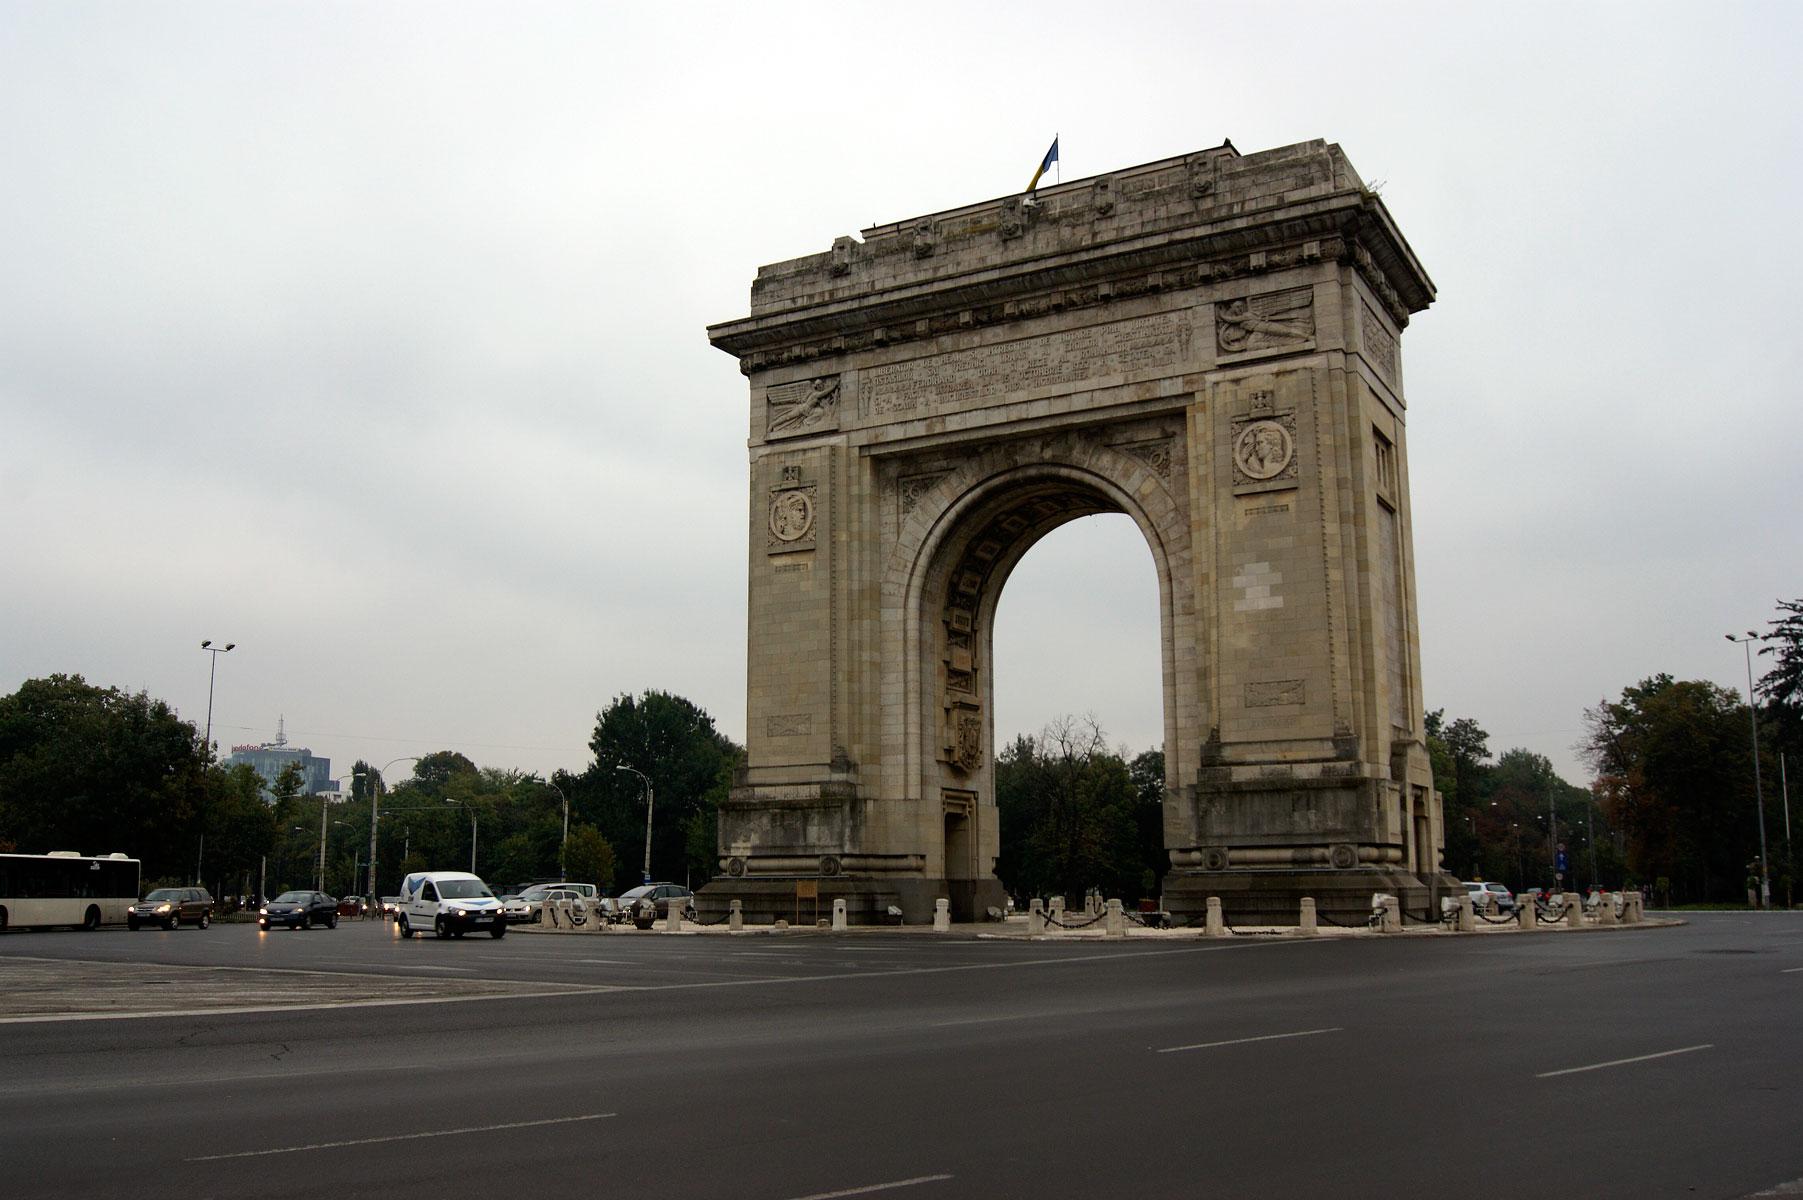 І це не Франція. Тріумфальна арка у Бухаресті